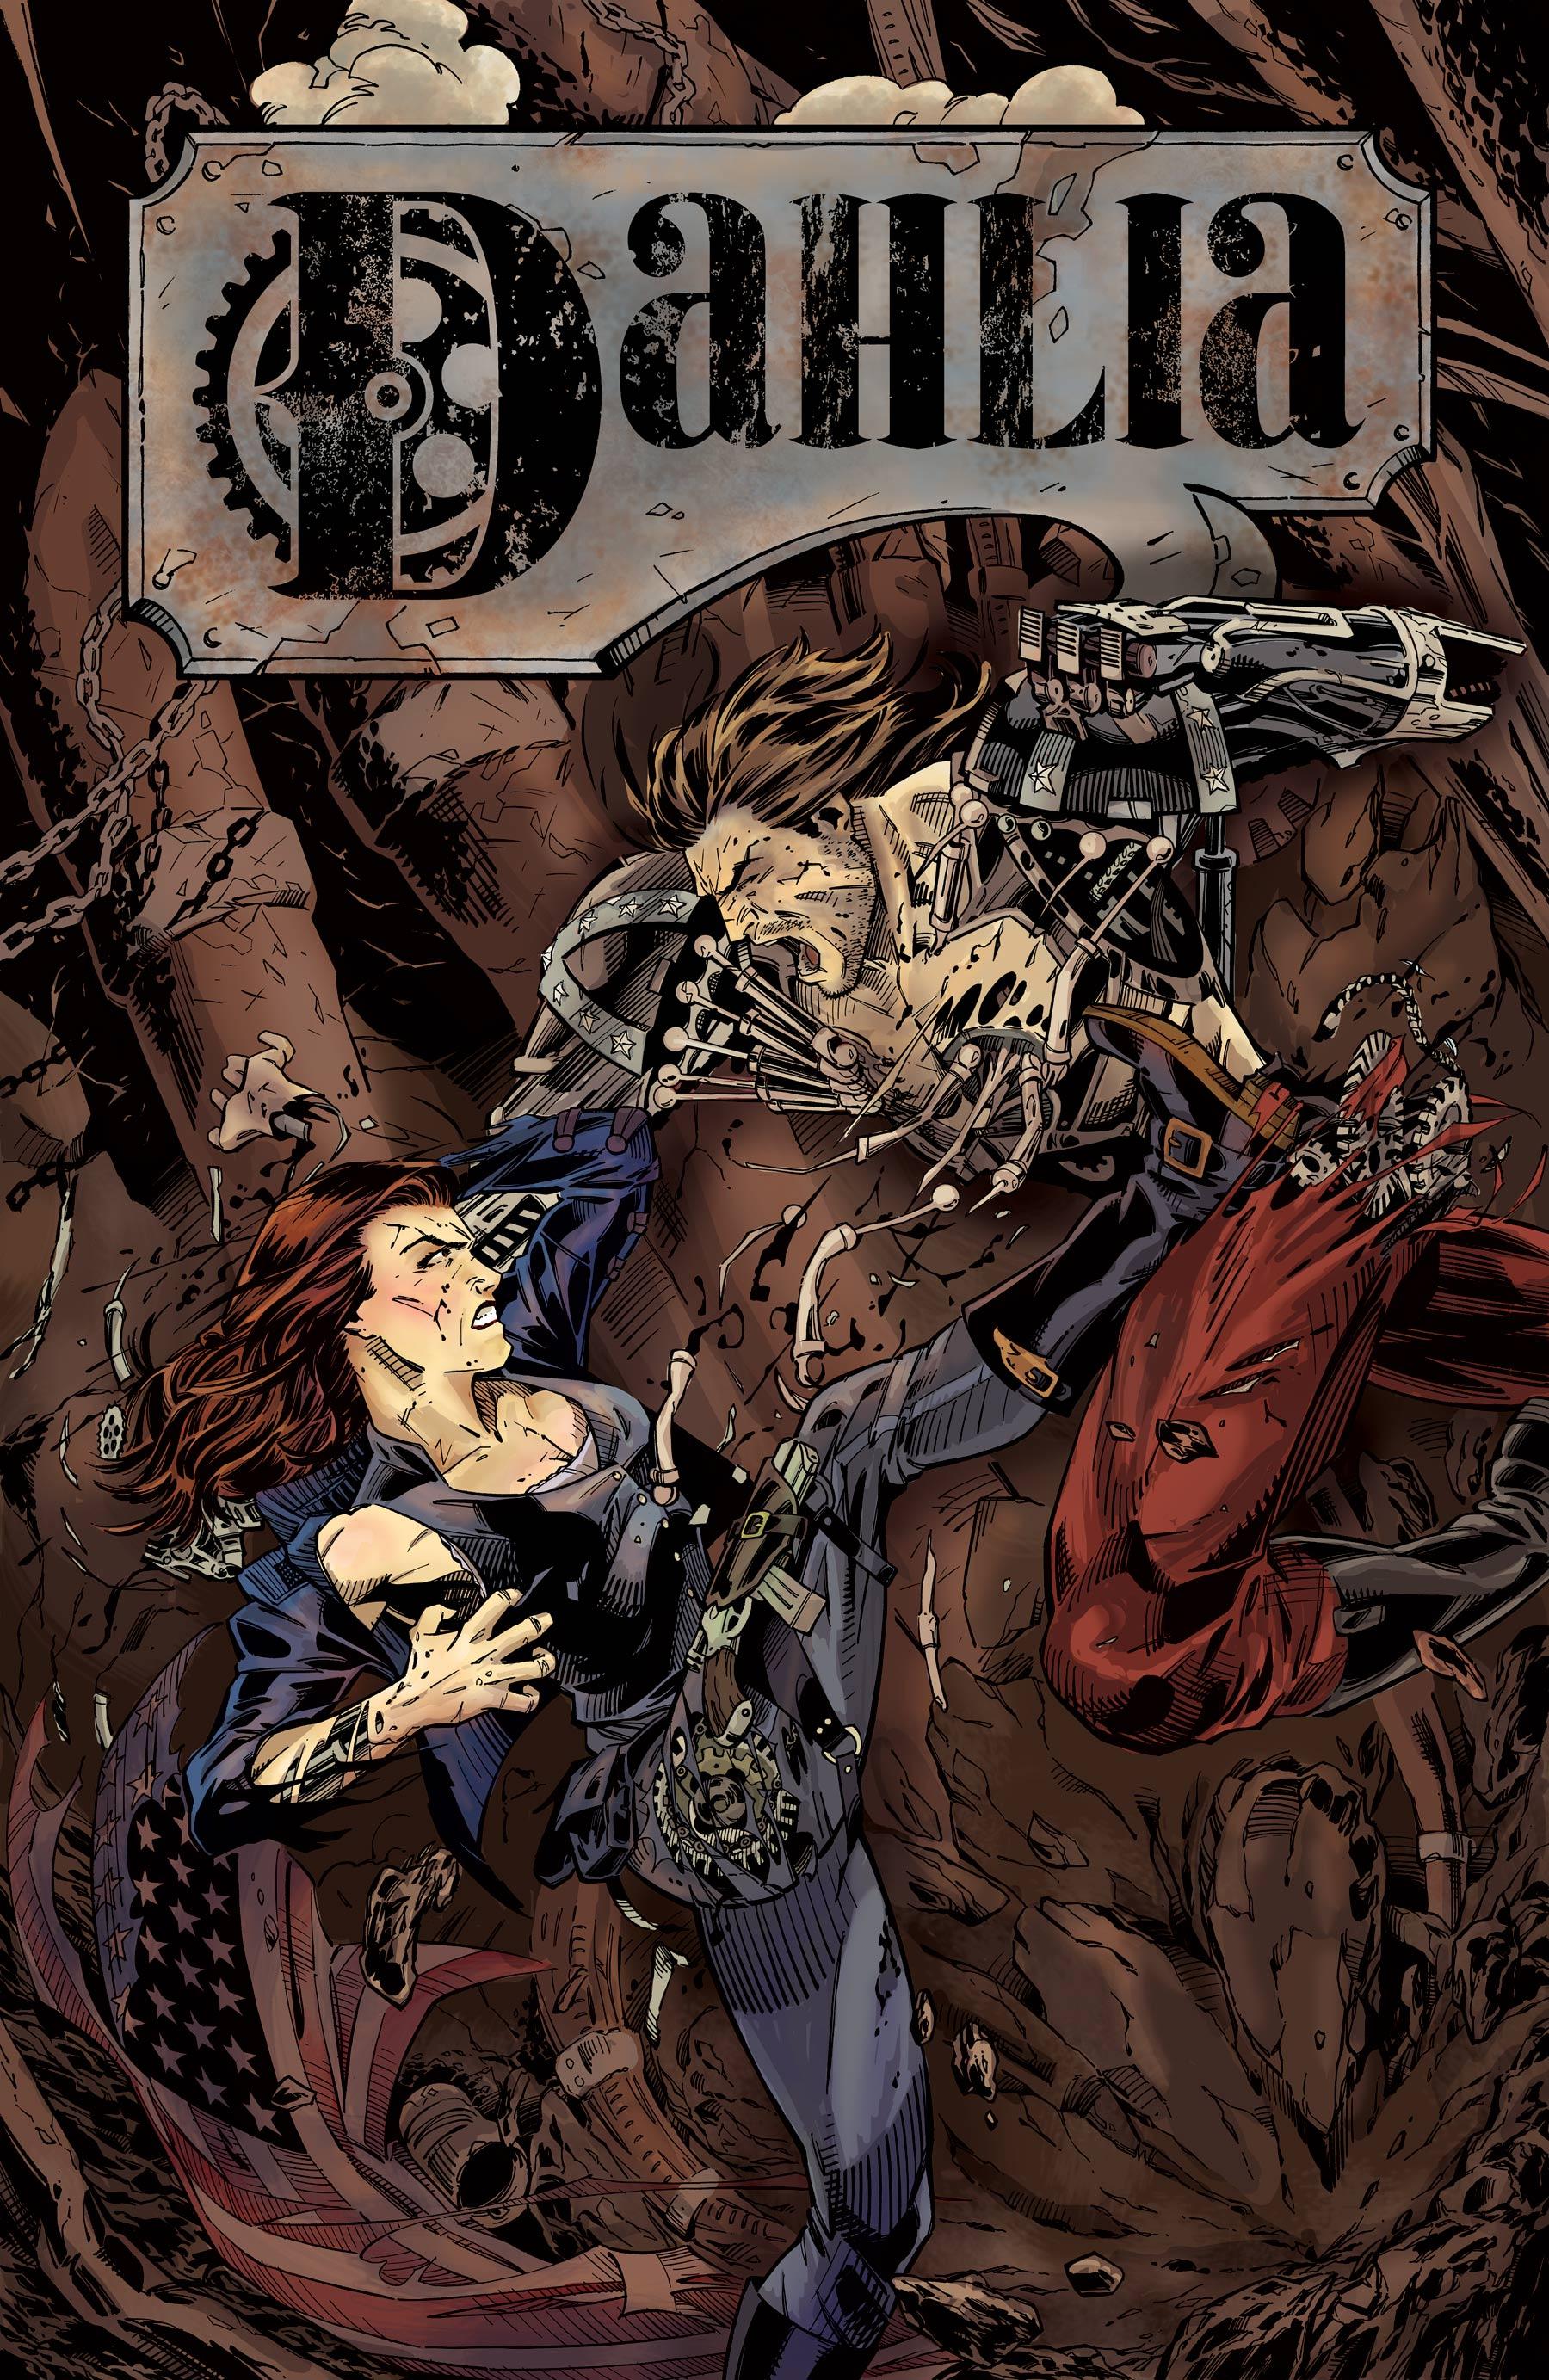 Dahlia-Cover1-Final_COLOR_WEB.jpg